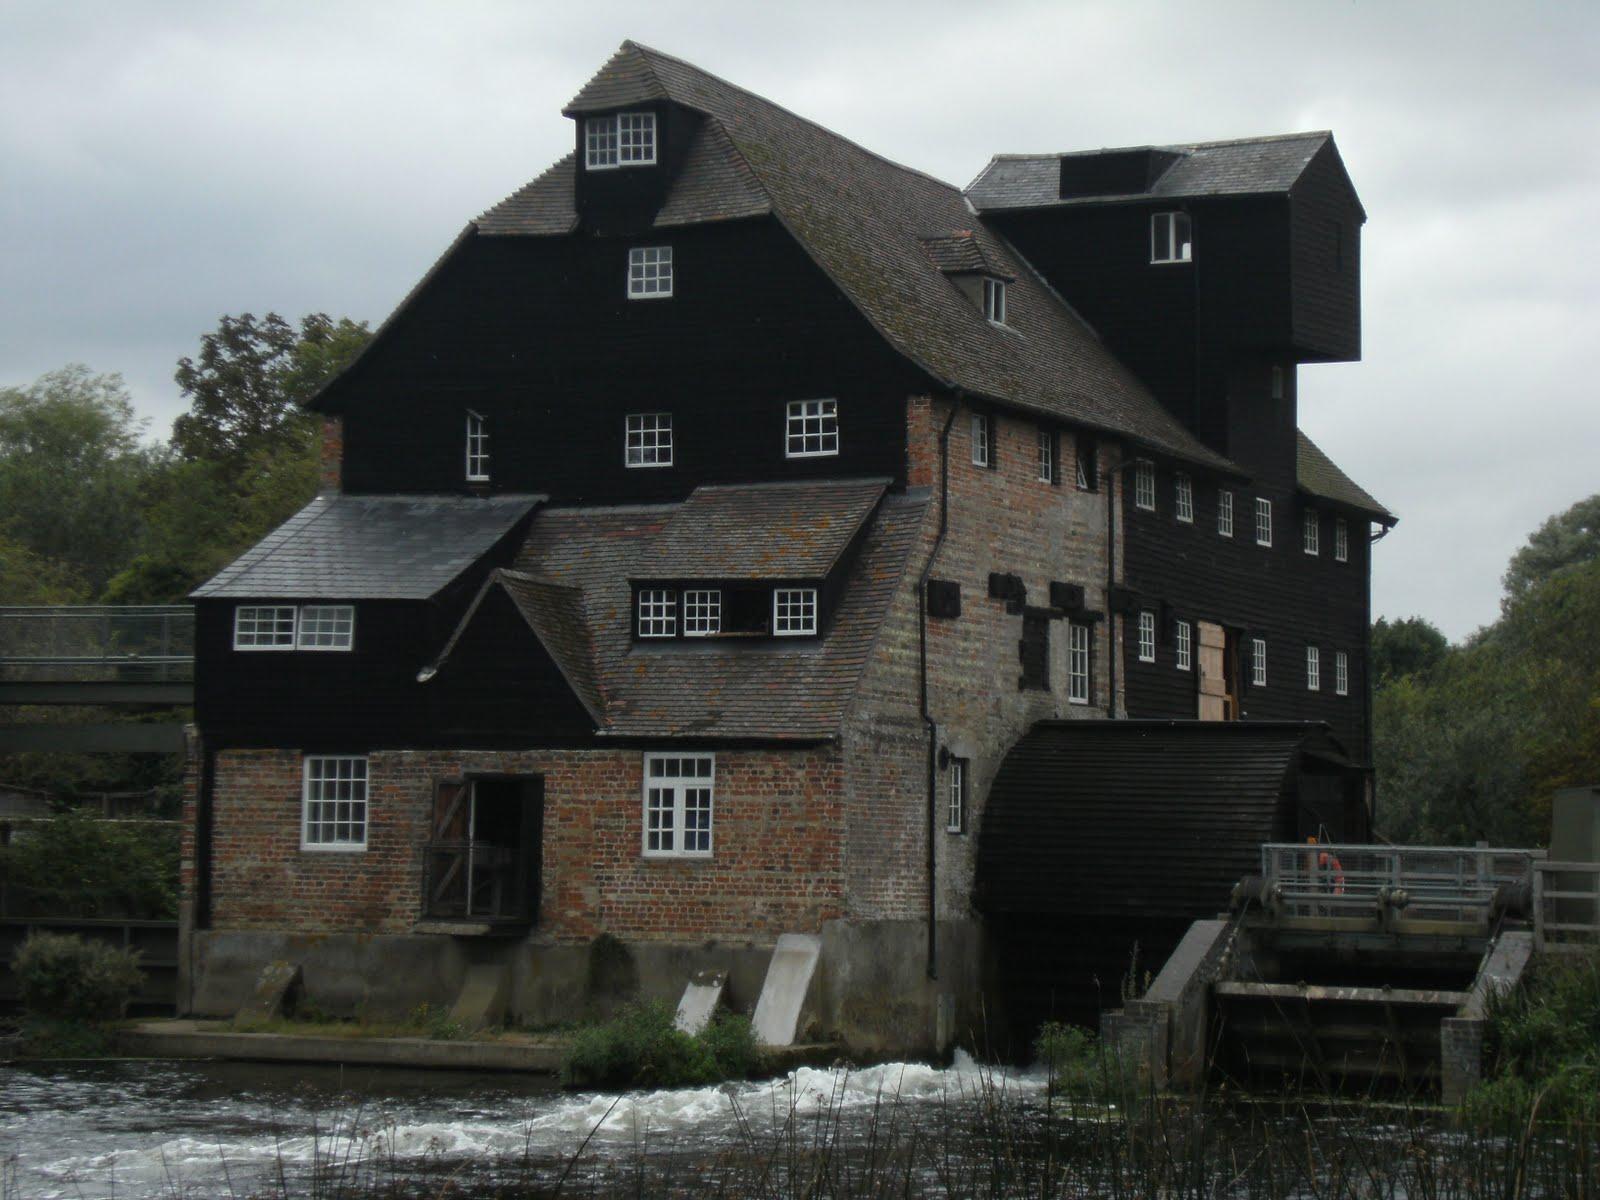 DSCF9460 Houghton Mill